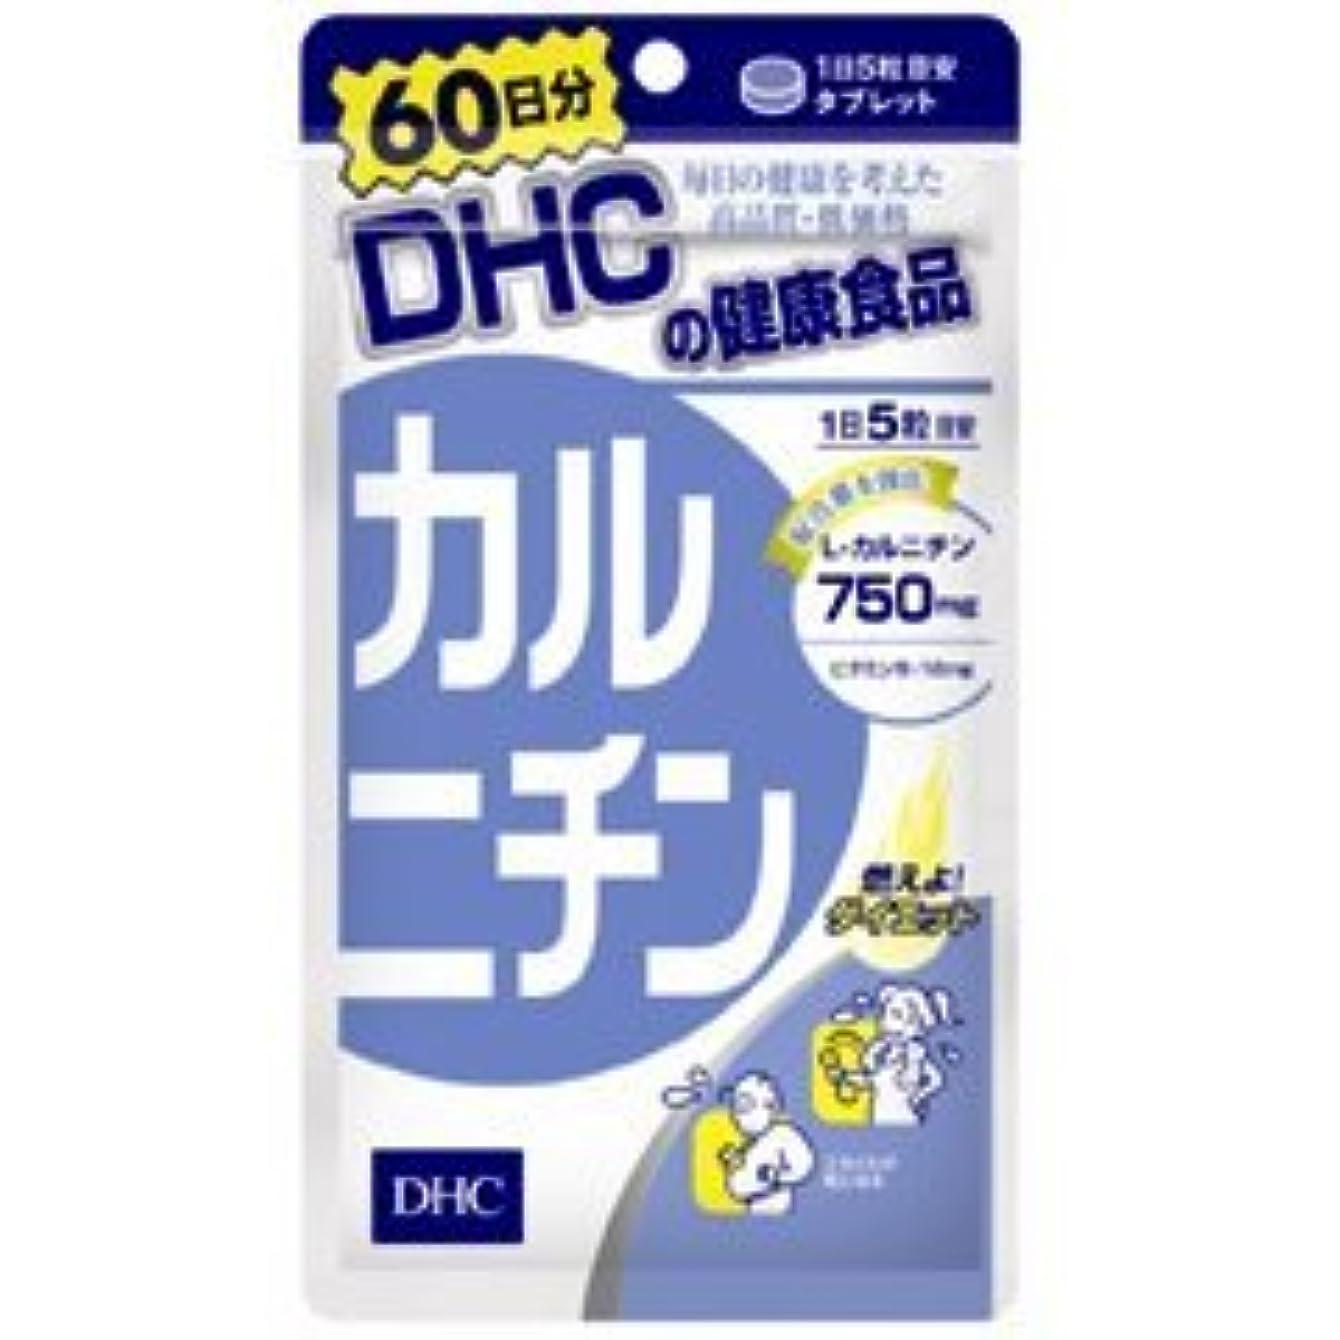 有毒な商標吸収する【DHC】DHCの健康食品 カルニチン 60日分 300粒